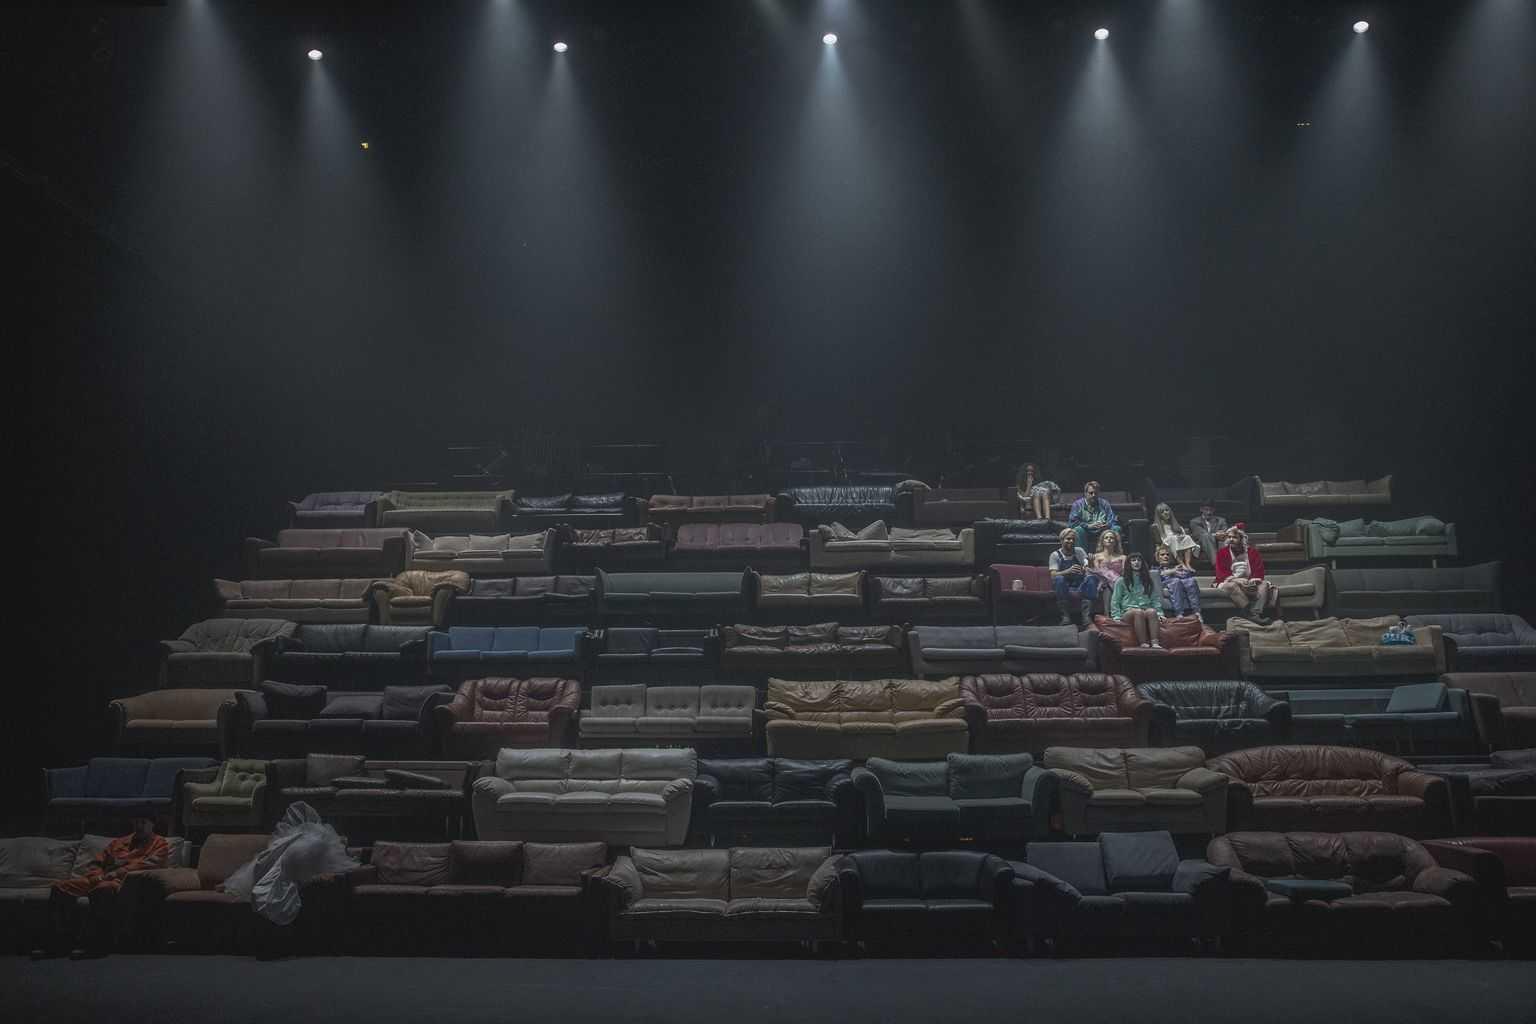 Højskolesangbogen. Det Kongelige Teater. Fotos: Natascha Rydvald.